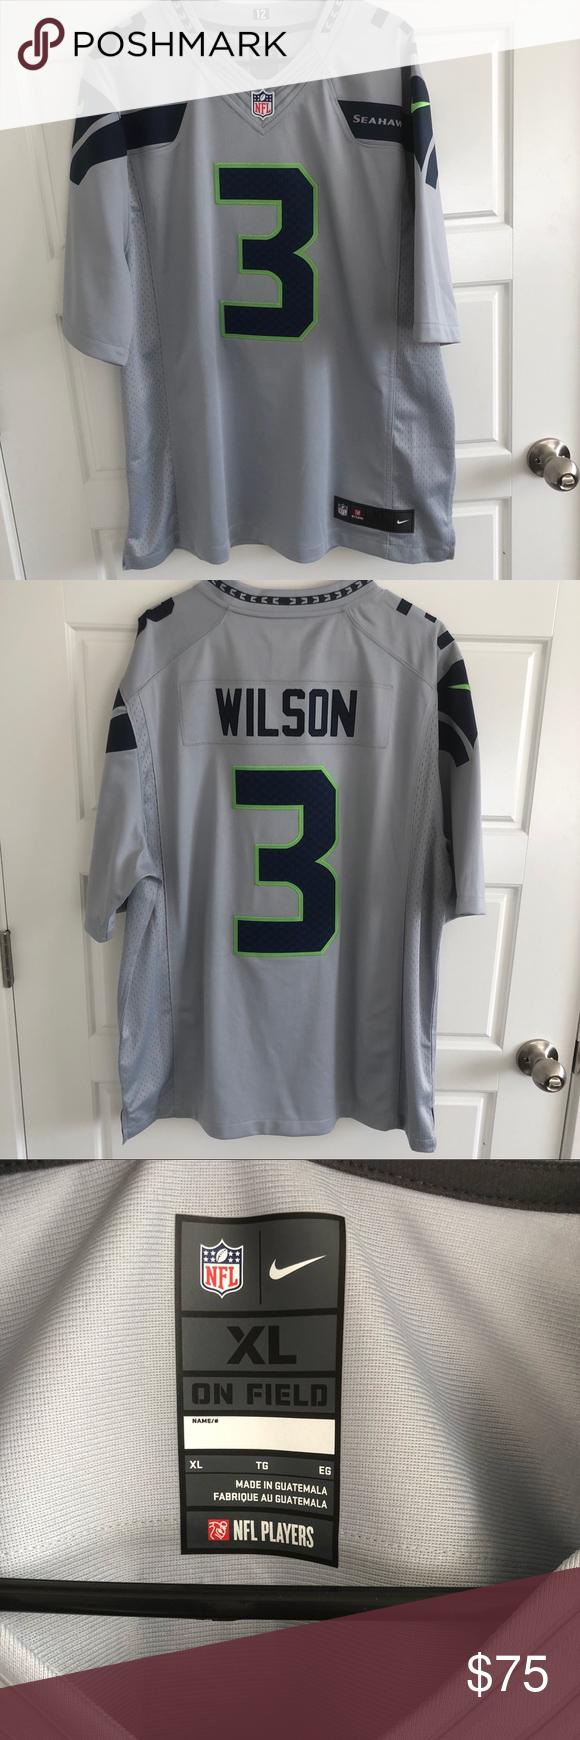 NWOT official NFL Jersey | Nfl shirts, Nfl jerseys, Nfl